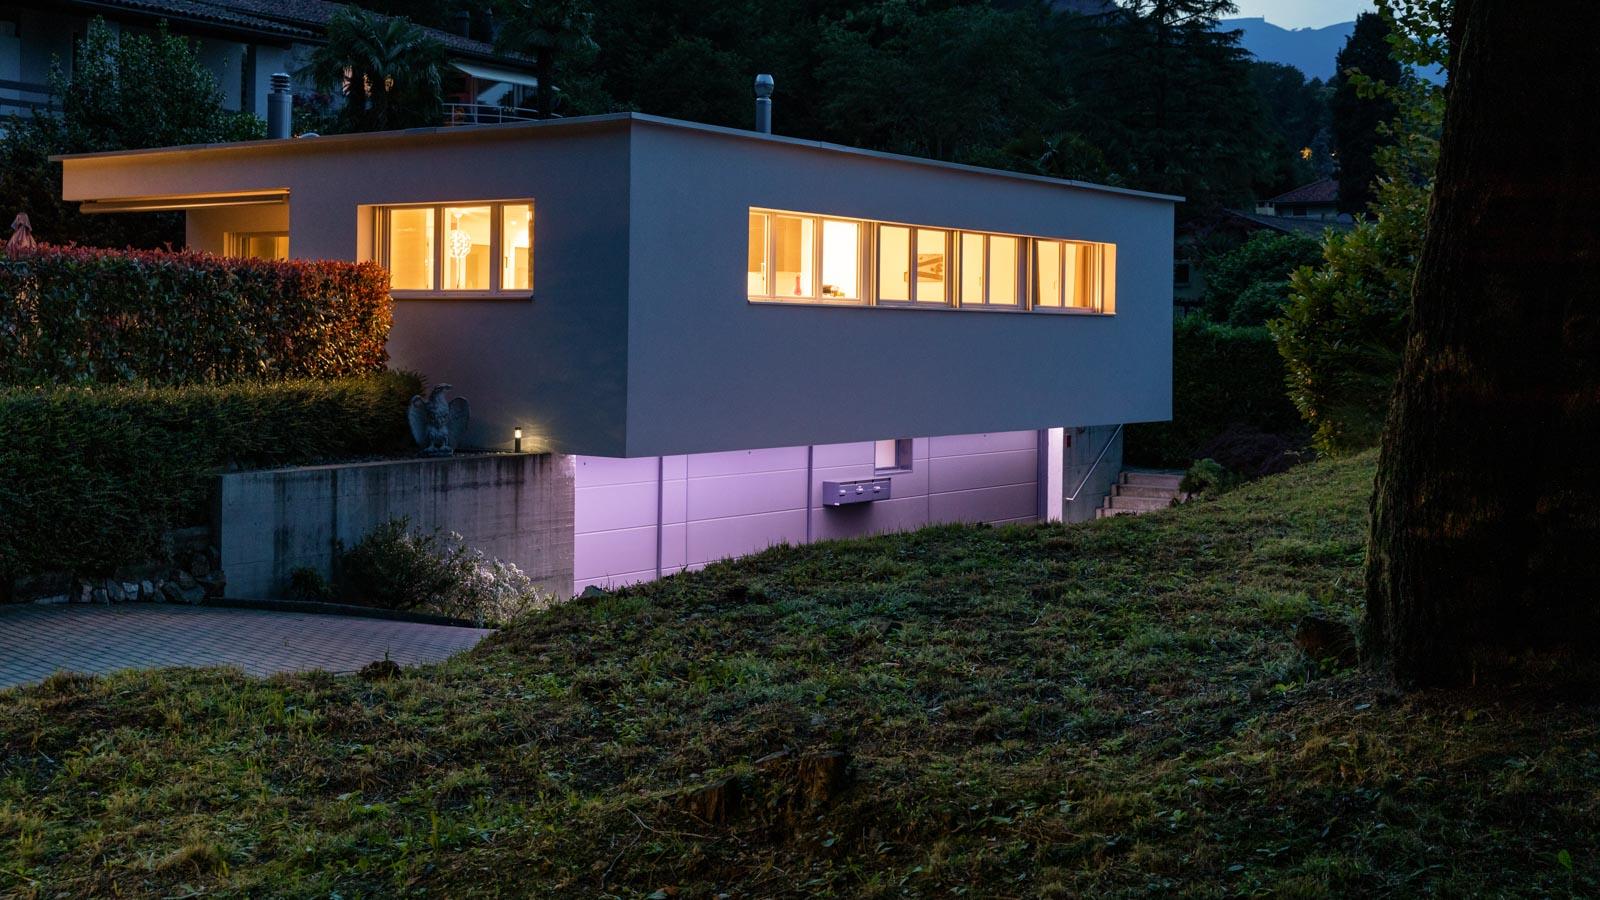 Modernes Haus in der Dämmerung mit farbiger Beluchtung der Zuwege